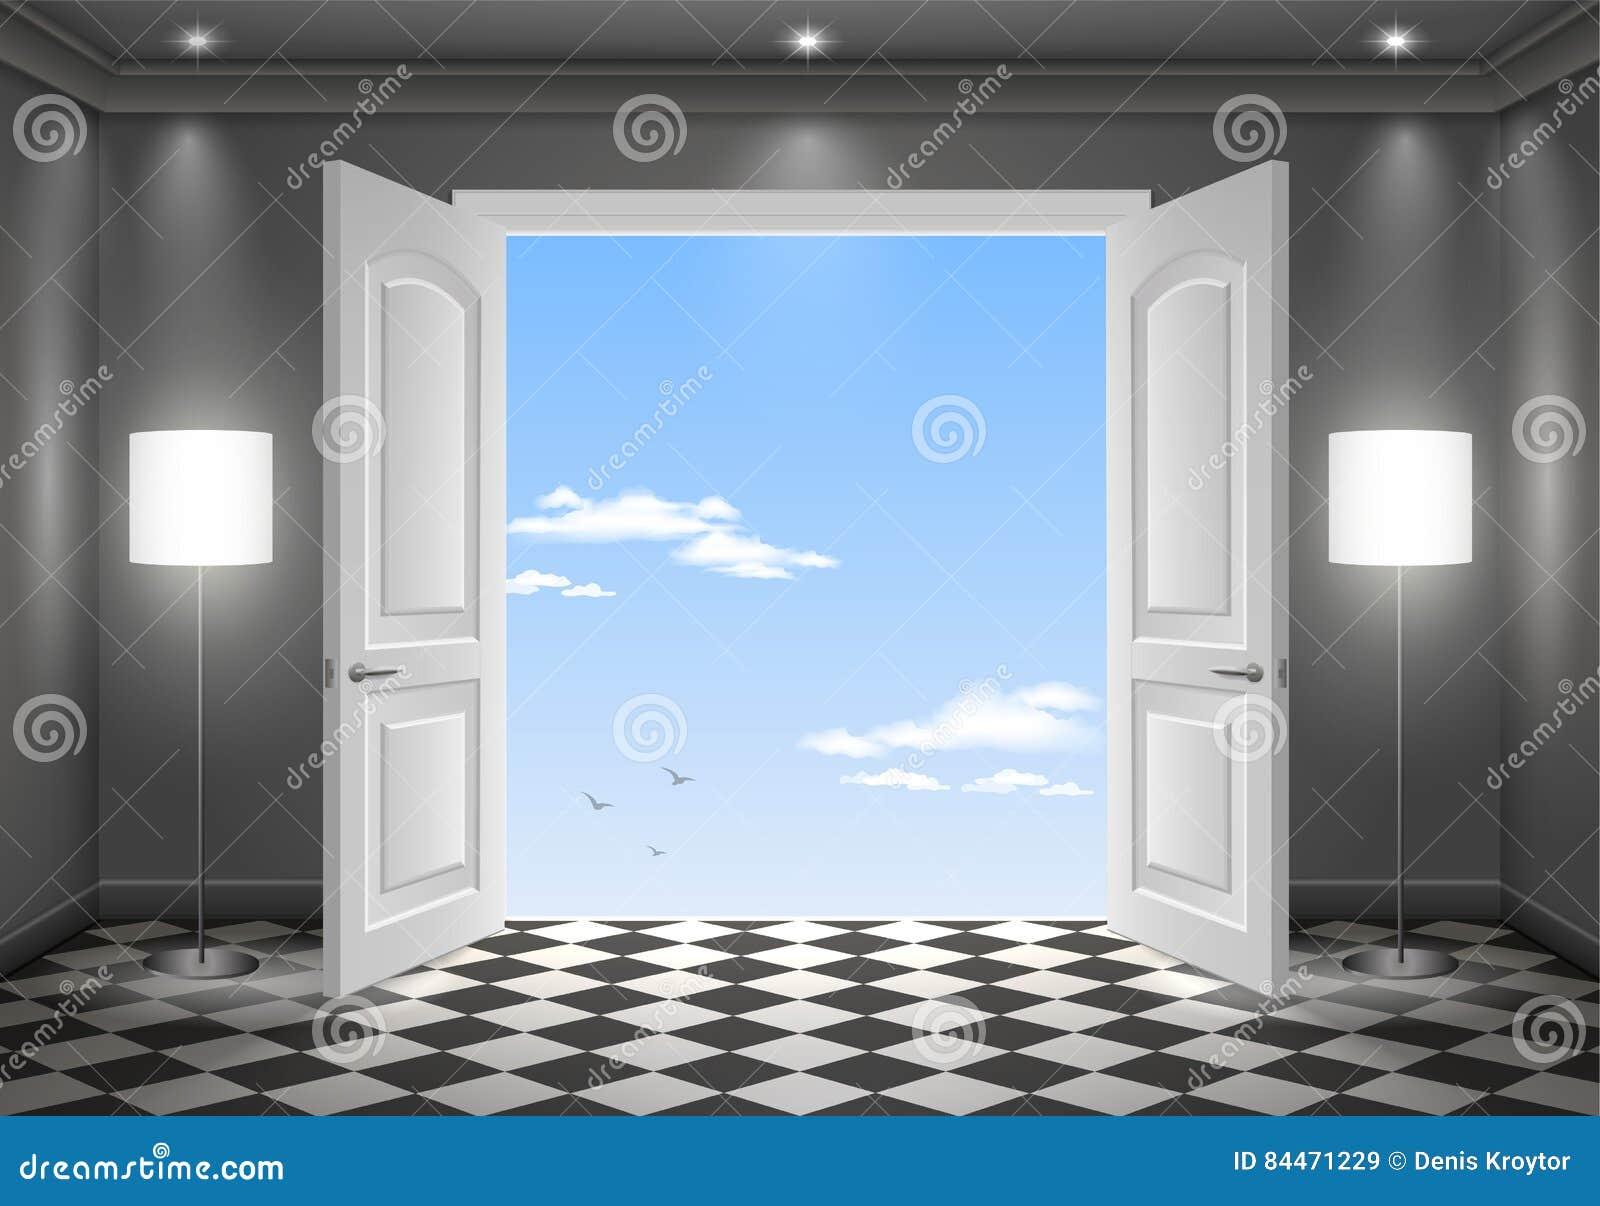 room doors vector art - photo #18